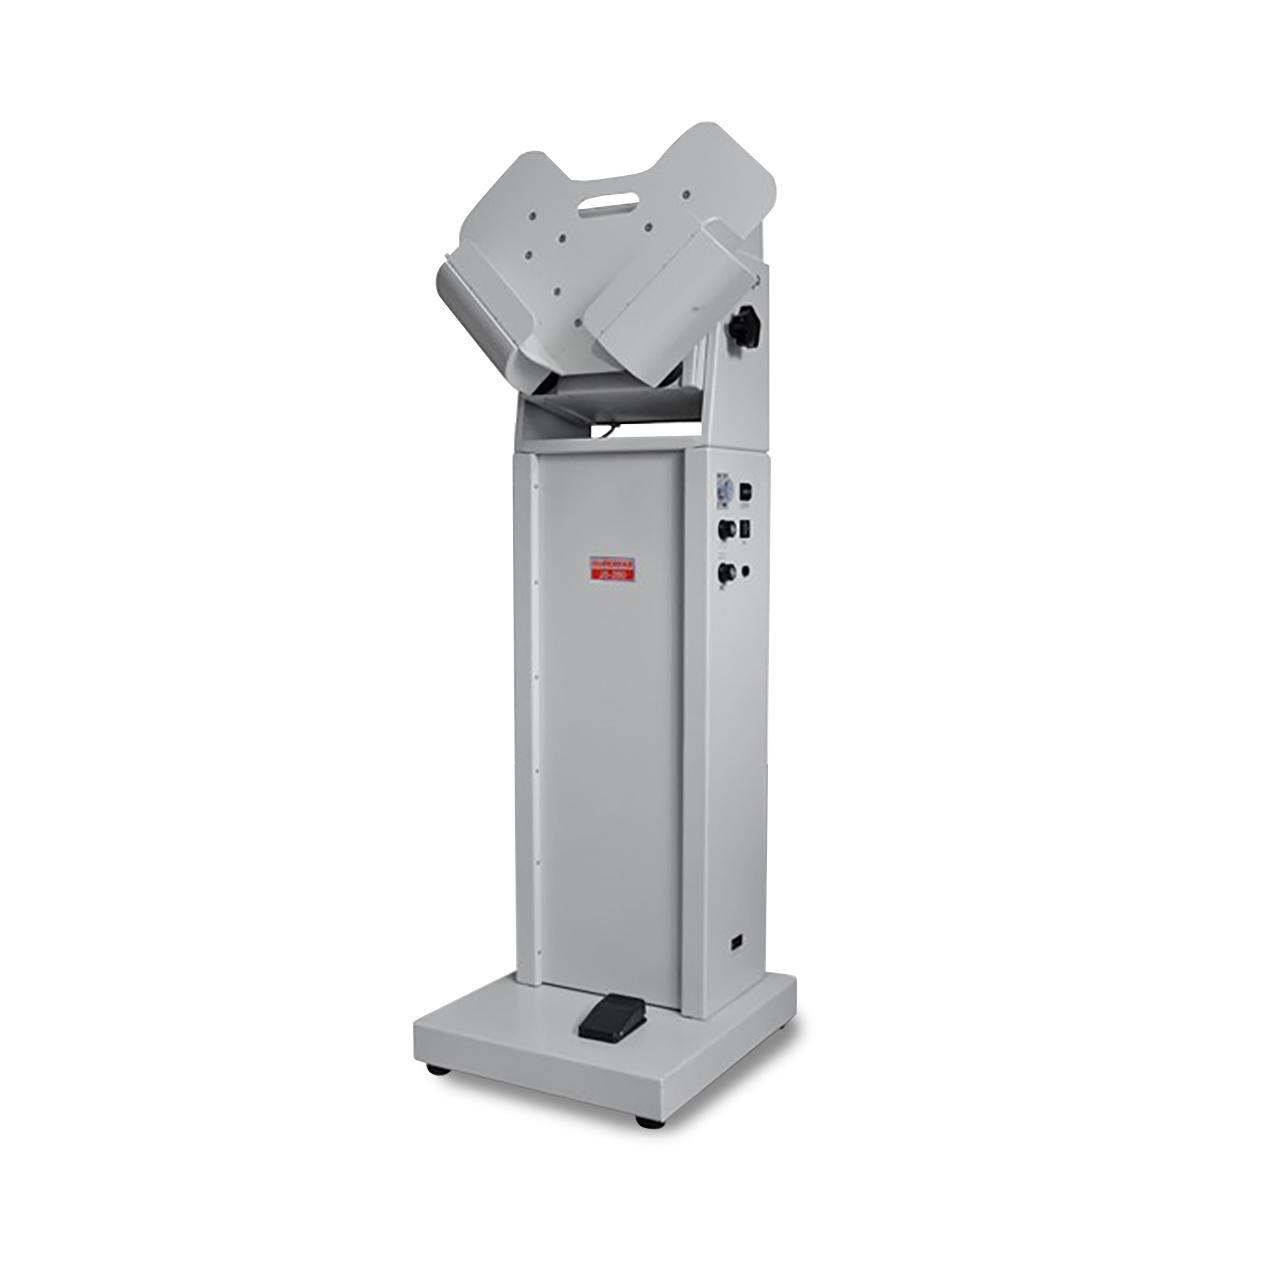 Luft-Papierrüttler SUPERFAX JS-280